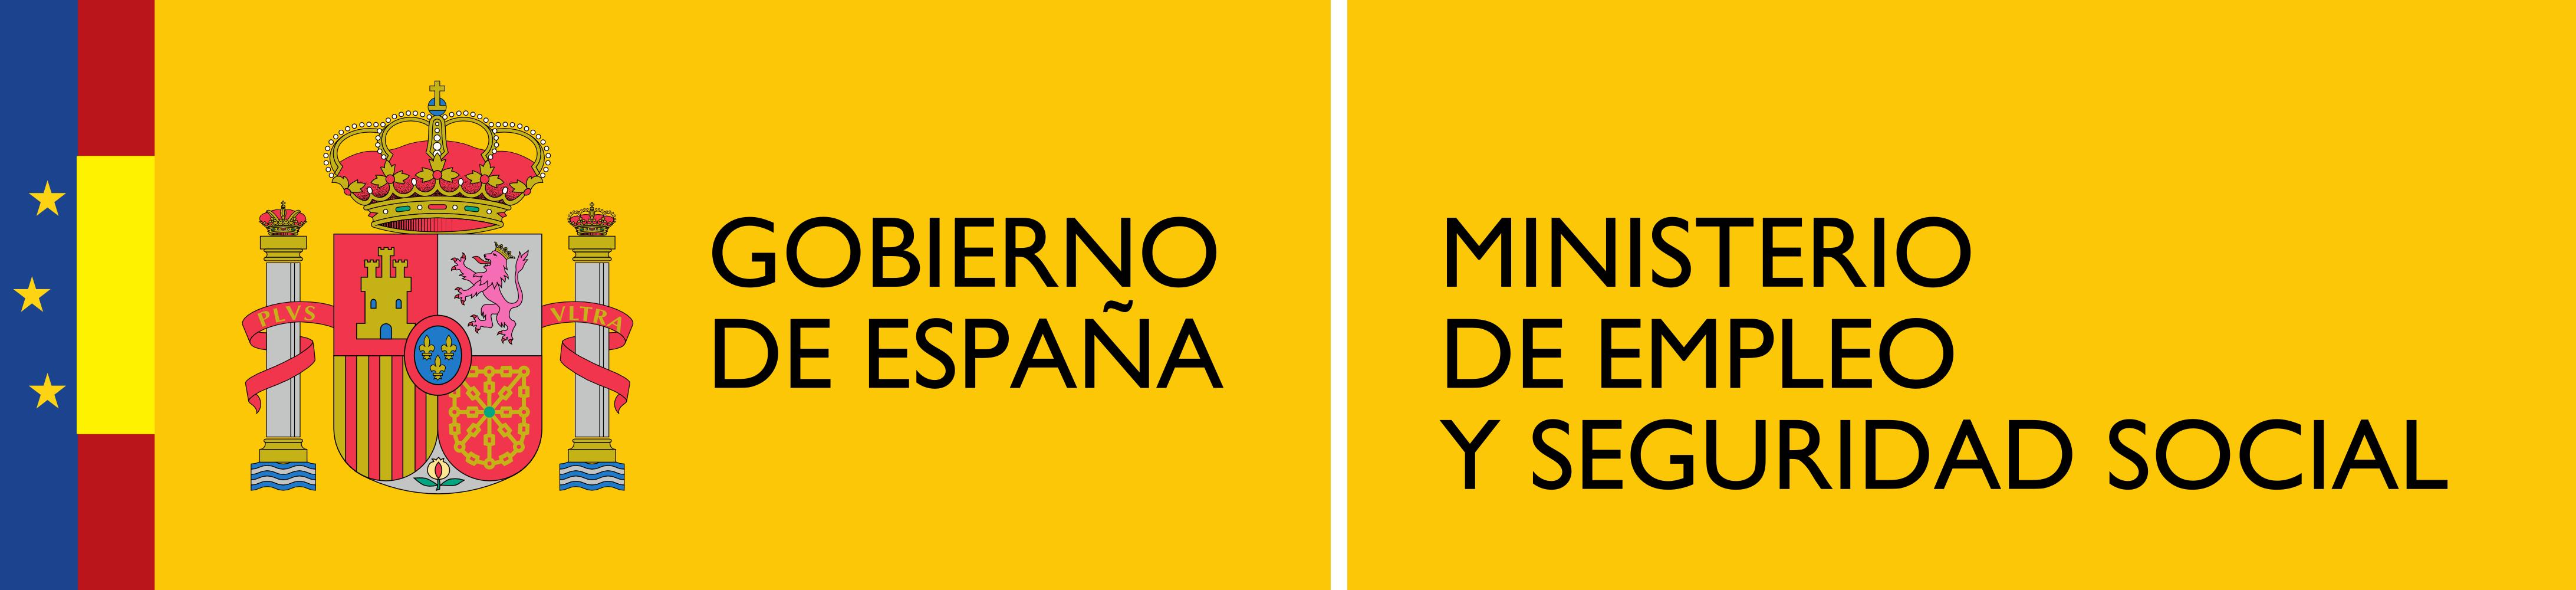 Logotipo del Ministerio de Empleo y Seguridad Social